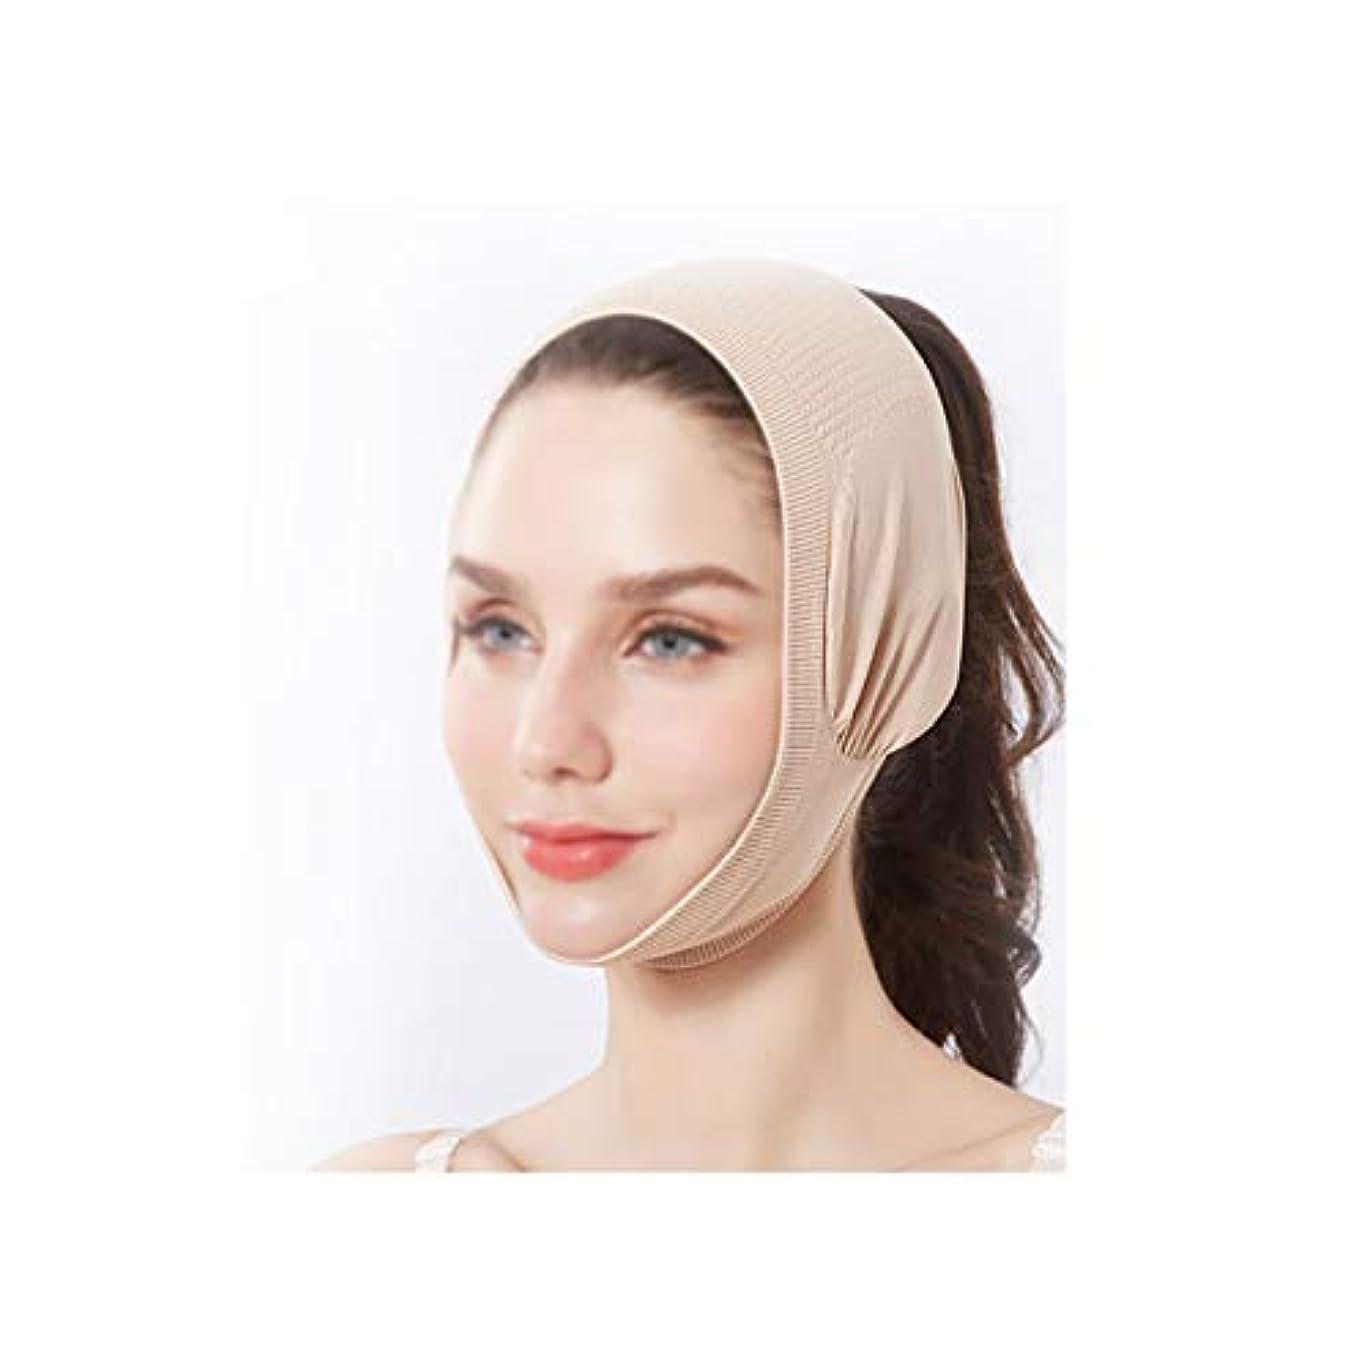 発動機サイレント先TLMY フェイスリフトマスクマスクエクステンション強度フェースレス包帯フェイシャルラージVライン彫刻フェイシャルバックカバーネックバンド 顔用整形マスク (Color : Skin tone)